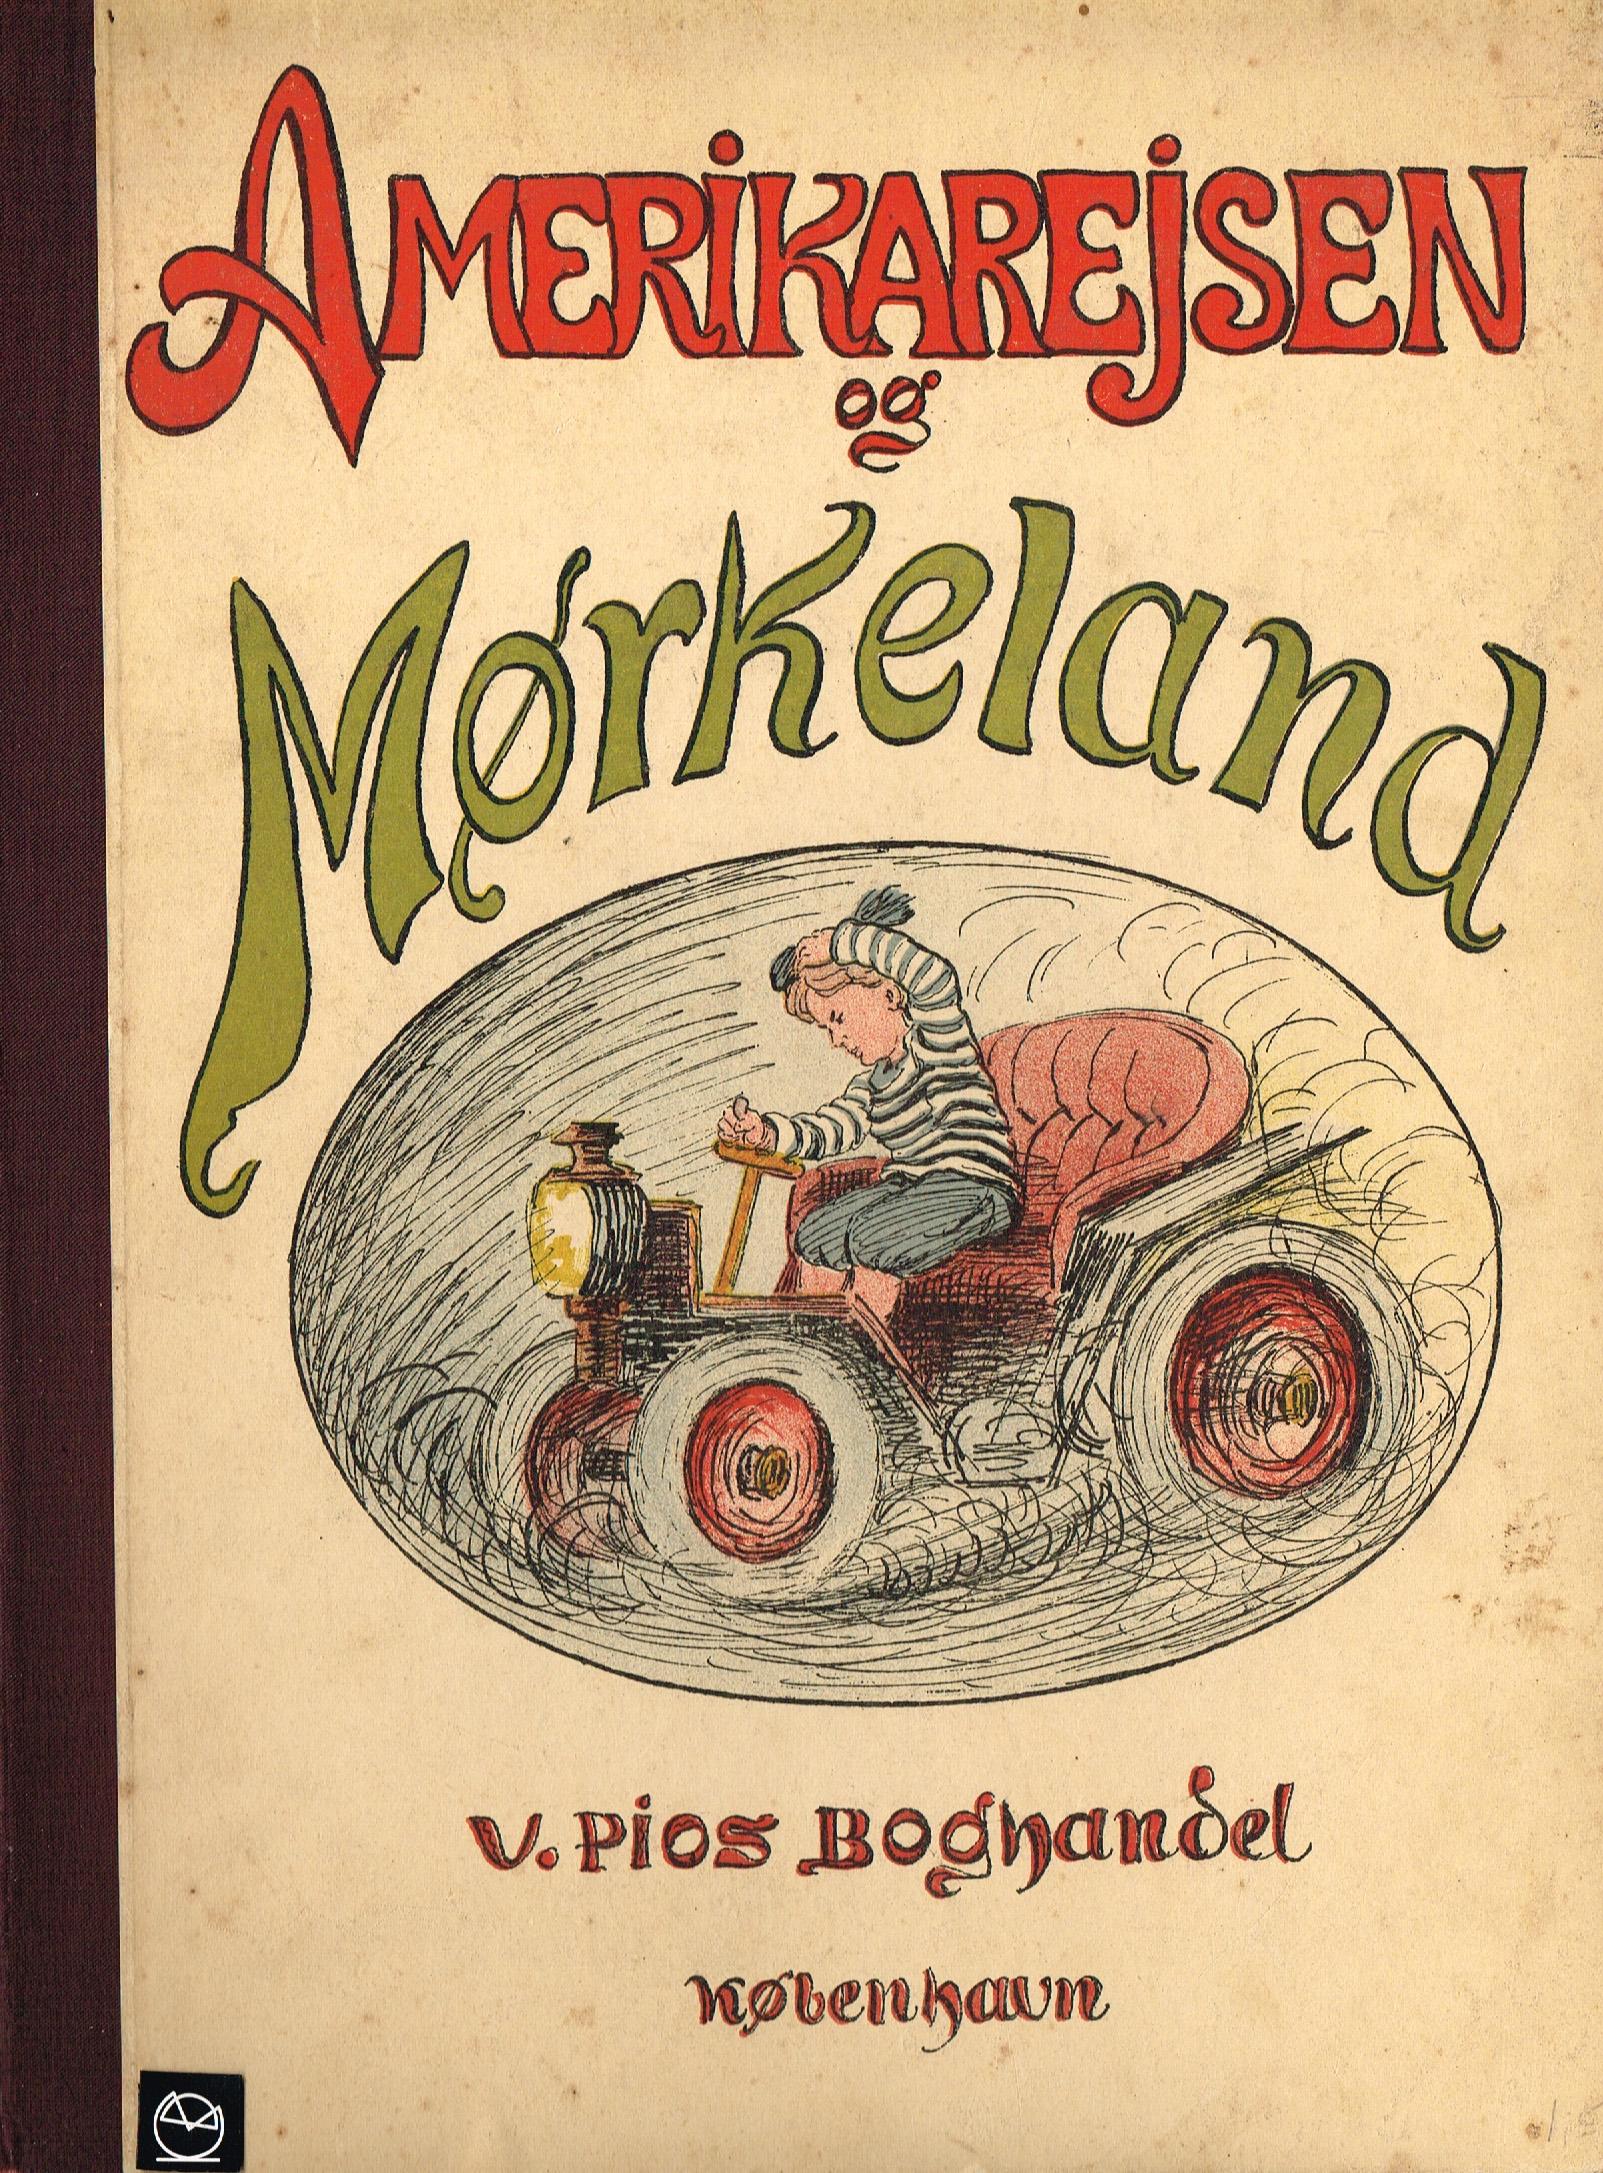 Louis Moe Mørkeland billedbog